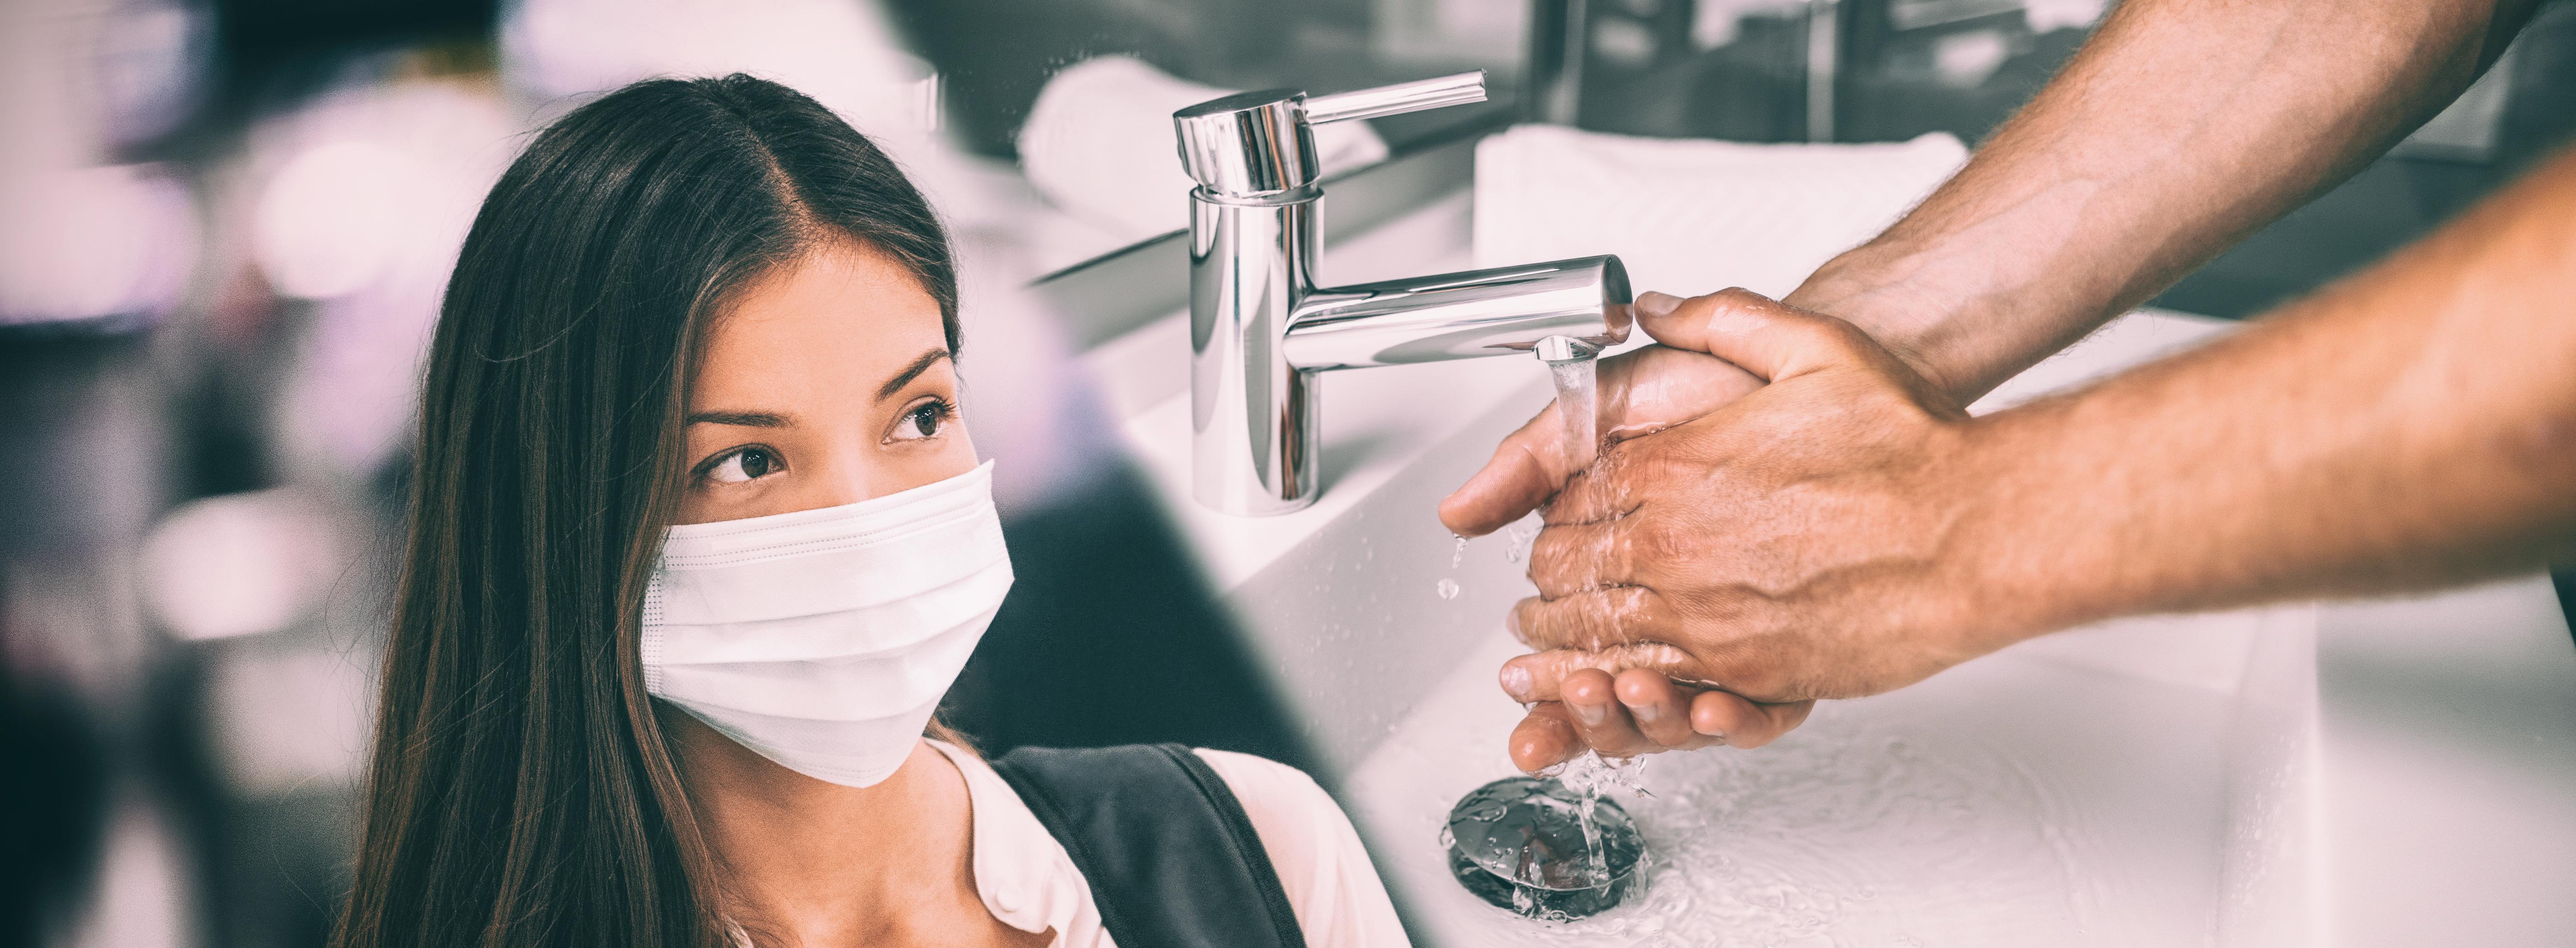 Il existe un besoin urgent d'analyse des effets sexospécifiques de l'épidémie, écrivent les chercheurs dans le Lancet.